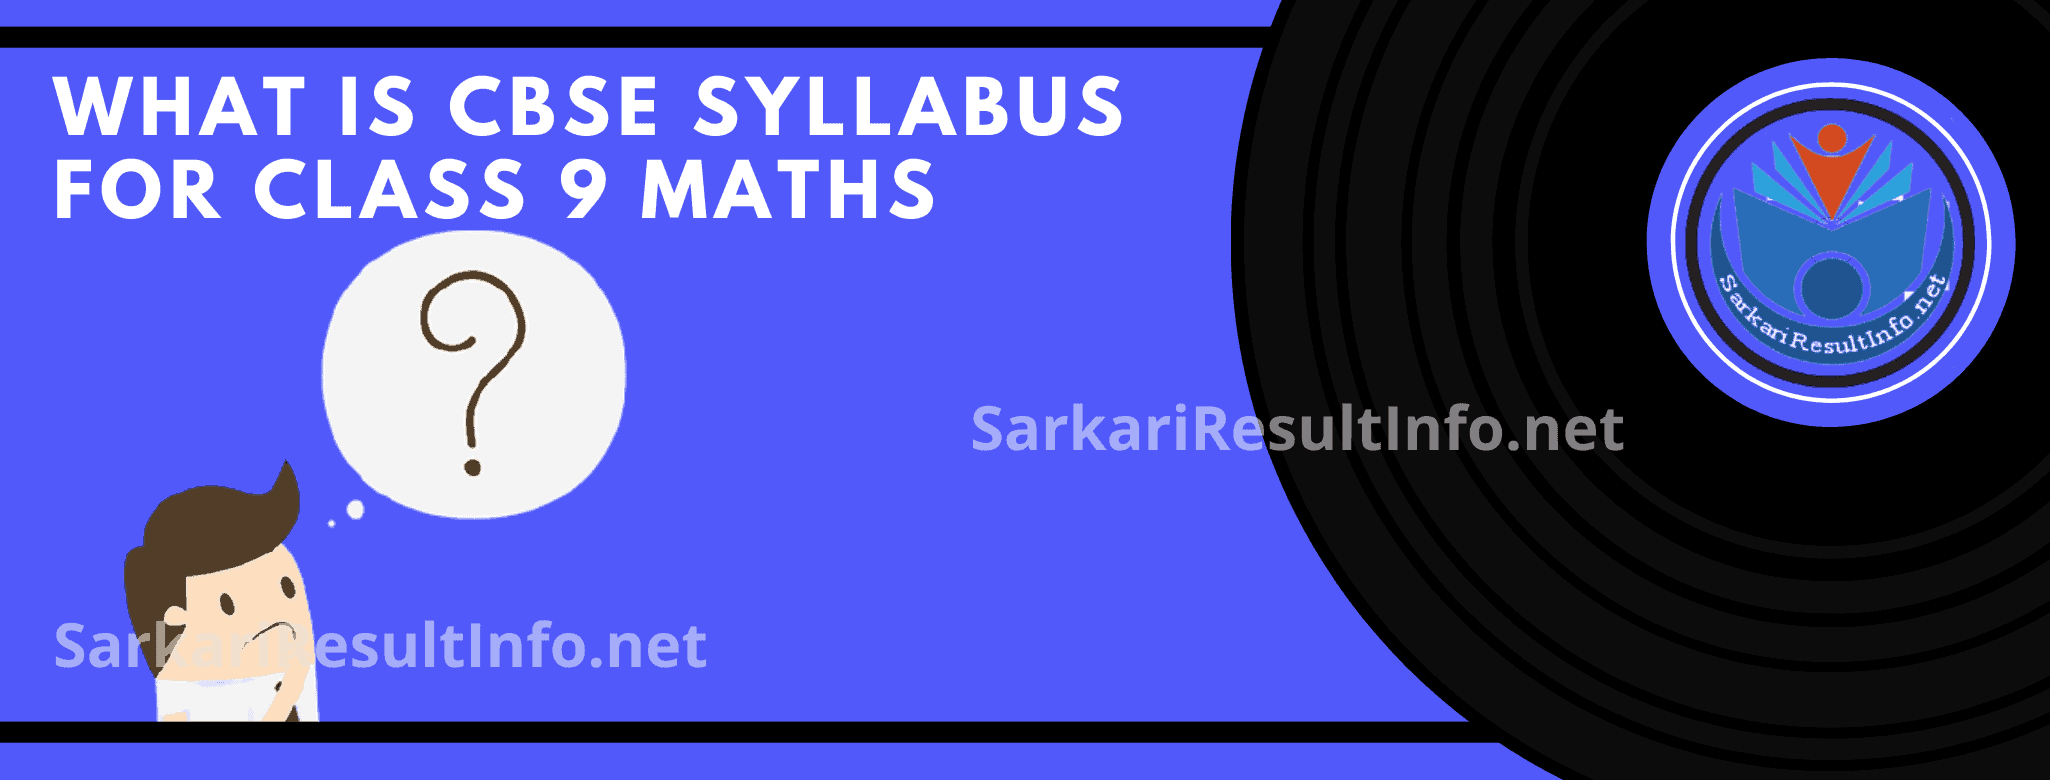 cbse syllabus for class 9 maths